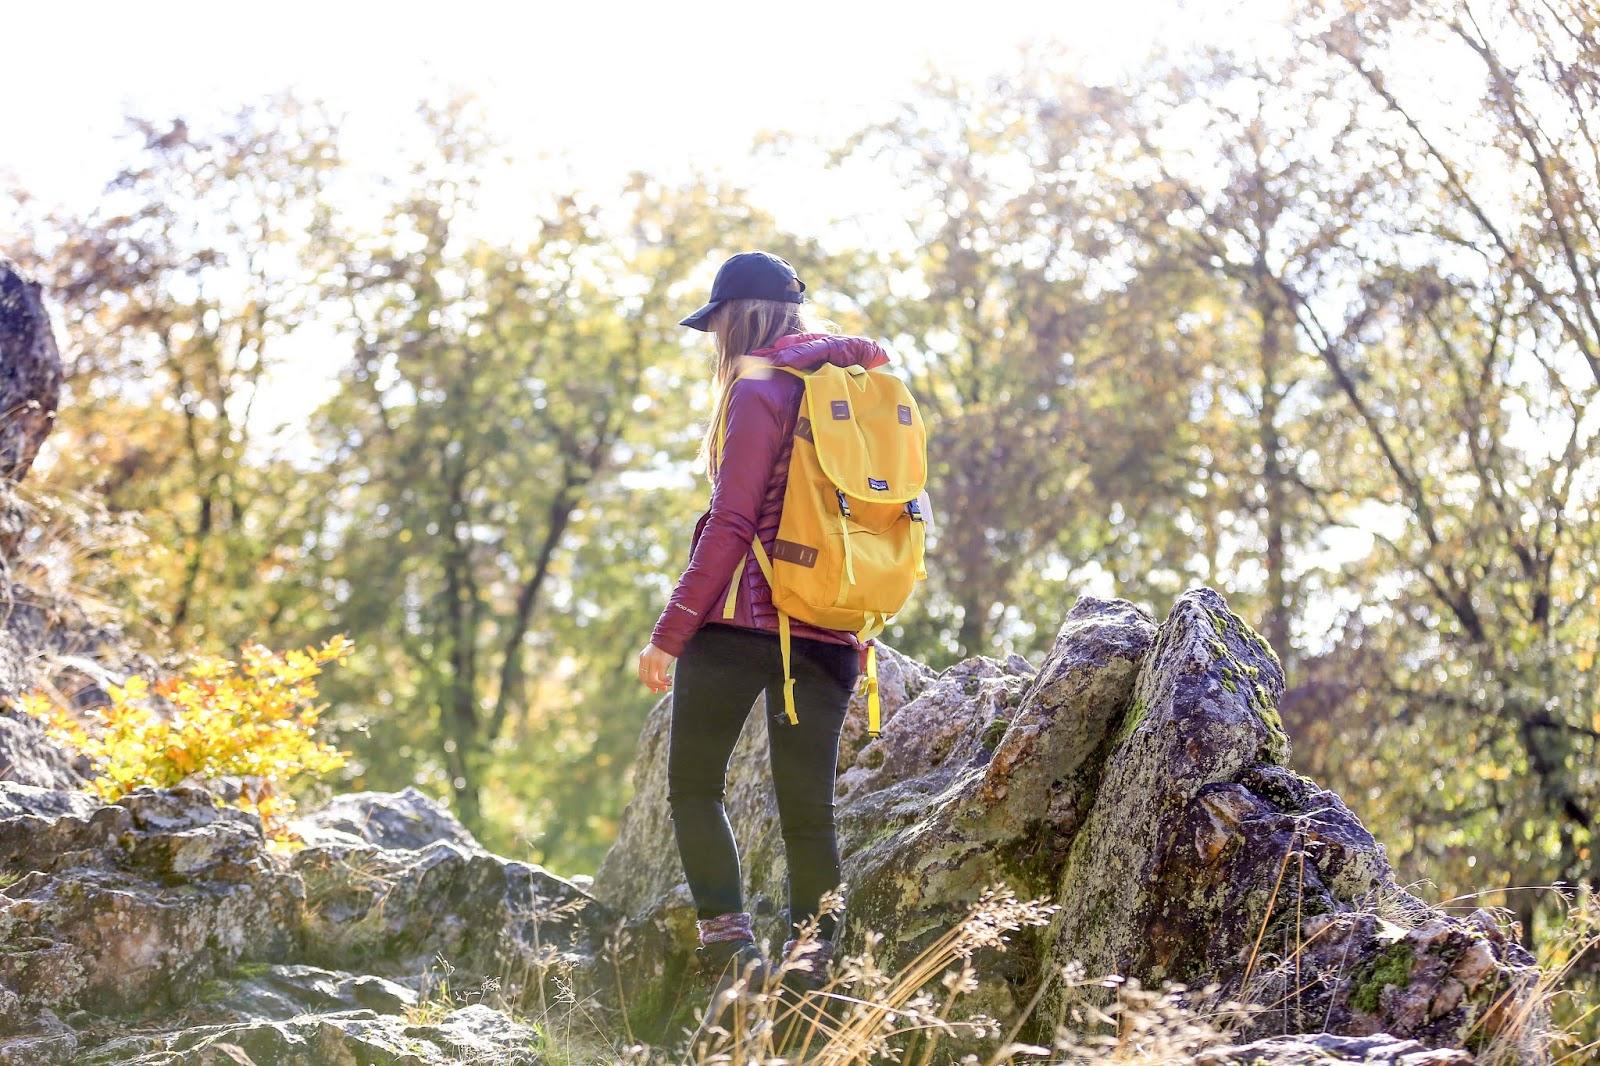 Wanderoutfit-was-zieht-man-zum-wandern-an-Keen-Schuhe-Wanderschuhe-Outfdoorblogger-Fashionstylebyjohanna-Outdoorblogger